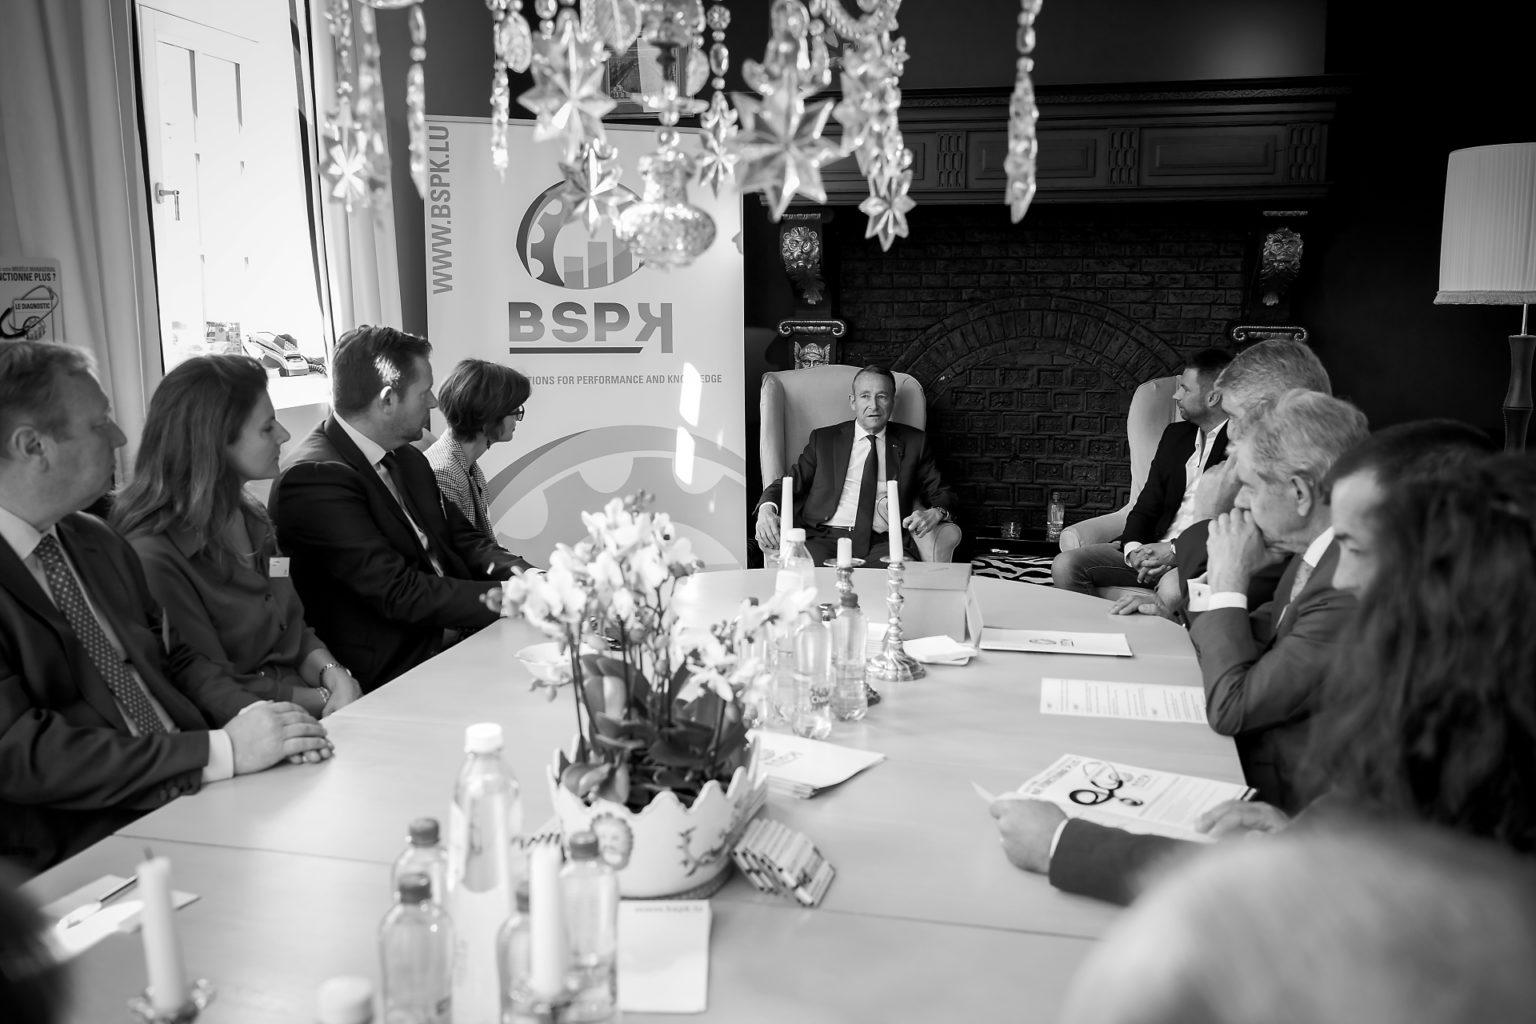 Salle du petit déjeuner, Matinée conférence avec Pierre de Villiers, organisée par BSPK au Faubourg Saint-Martin, 21-06-2019, par Aurore Delsoir Photographe d'entreprise